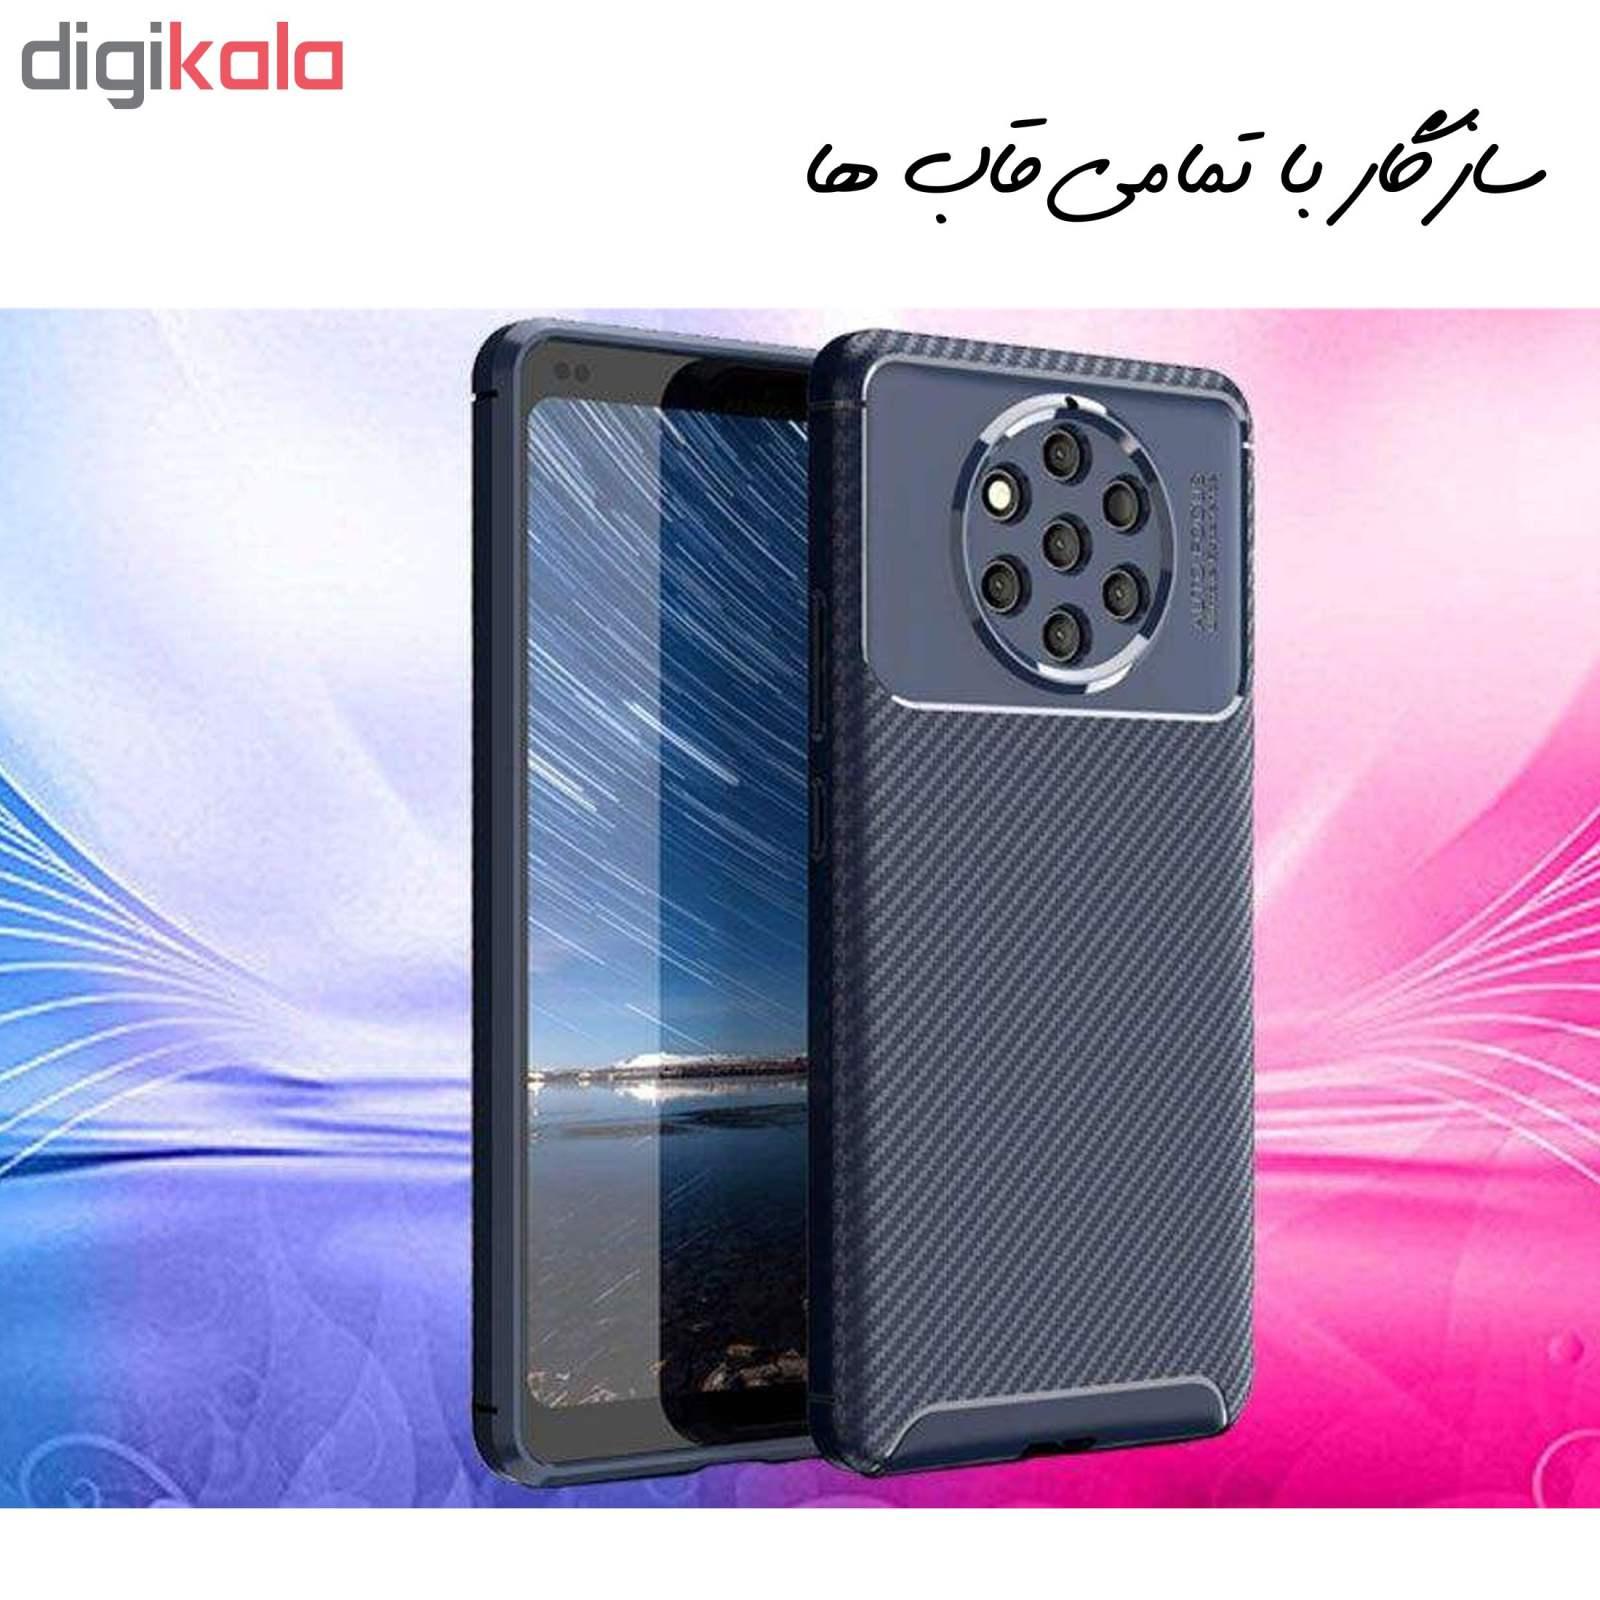 محافظ صفحه نمایش مات Hard and Thick  مدل F-01 مناسب برای گوشی موبایل اپل Iphone 11   main 1 5